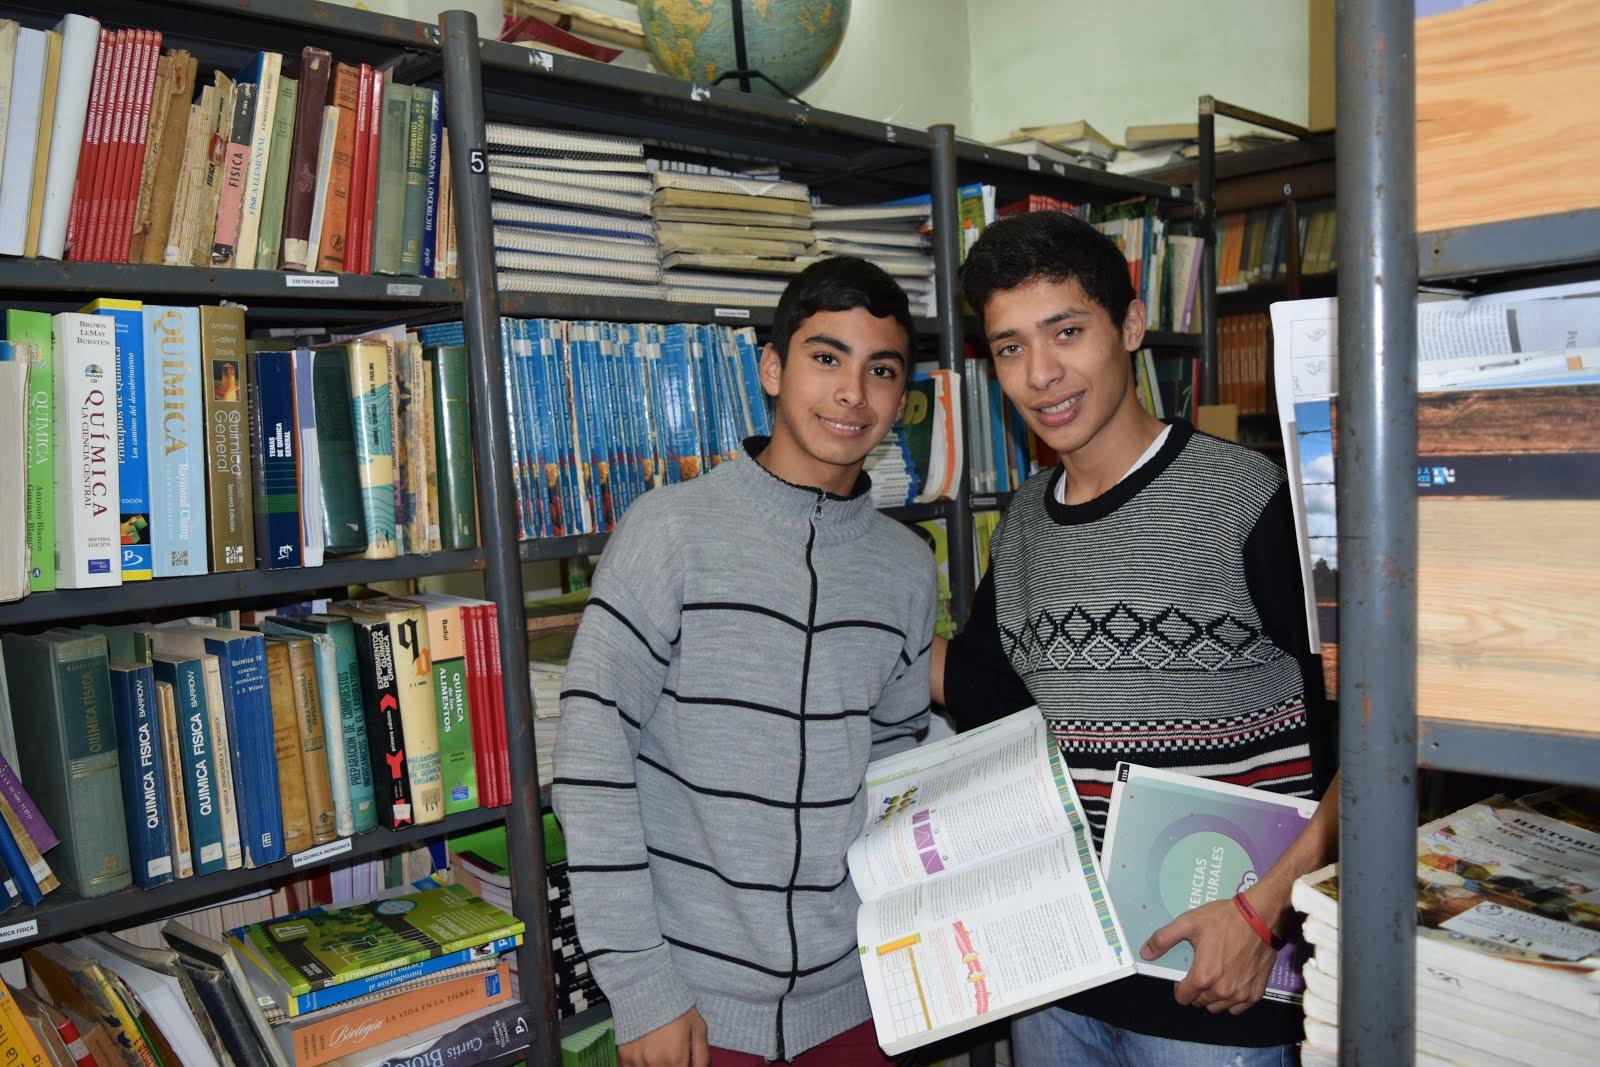 Visite el blog de la biblioteca